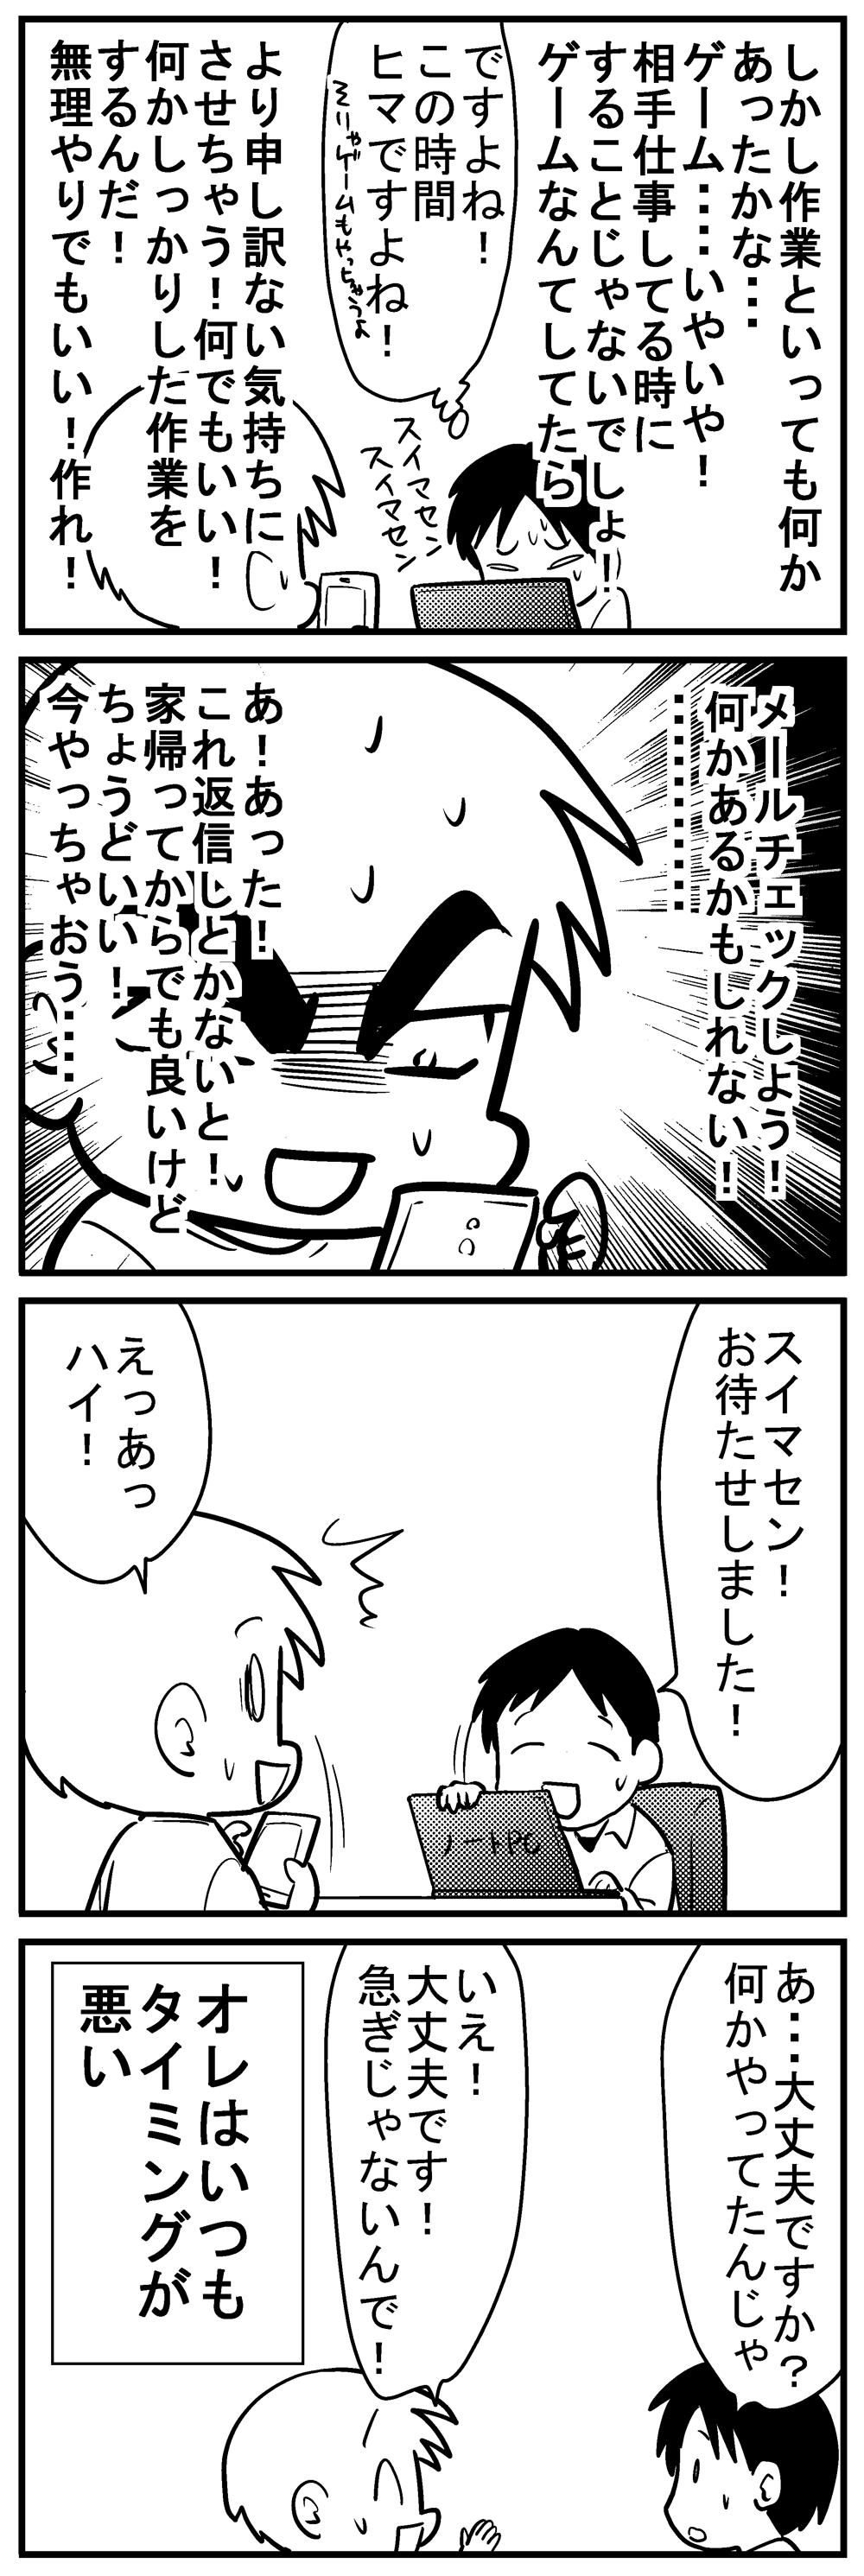 深読みくん97 2